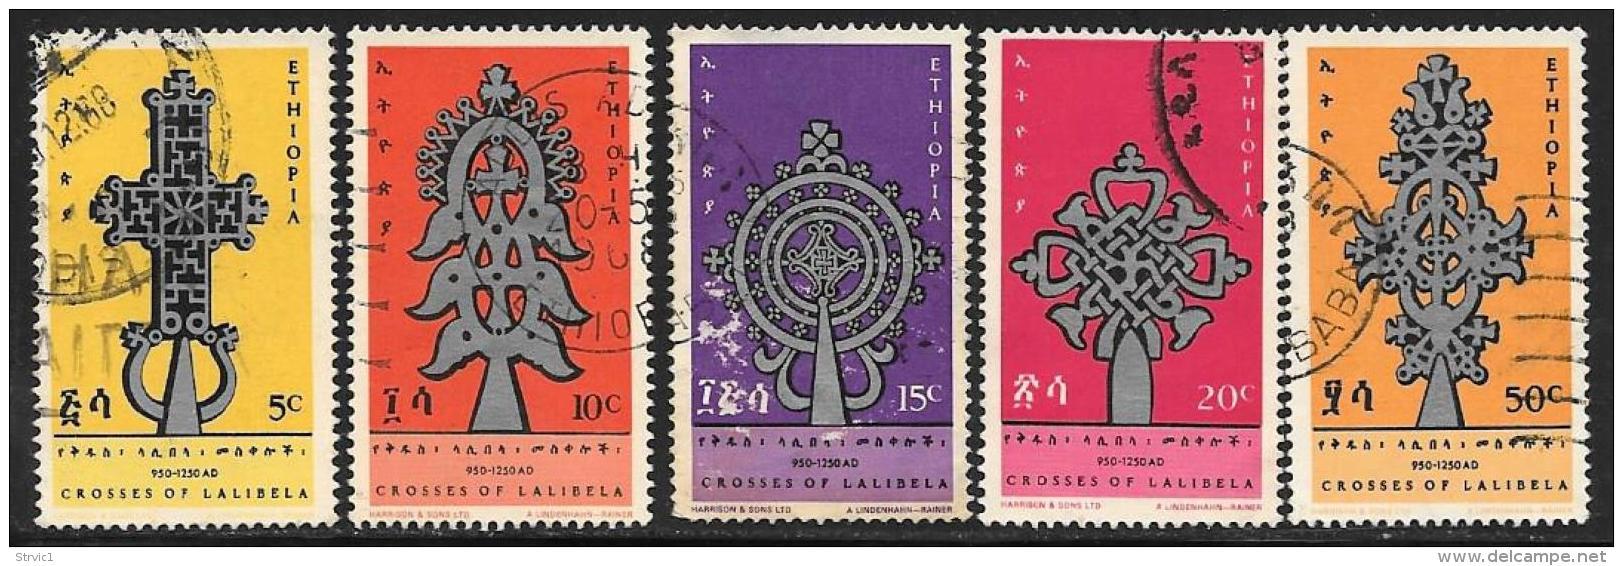 Ethiopia, Scott # 492-6 Used Crosses Of Lalibela, 1967, #494 Has Face Scrapes - Ethiopia